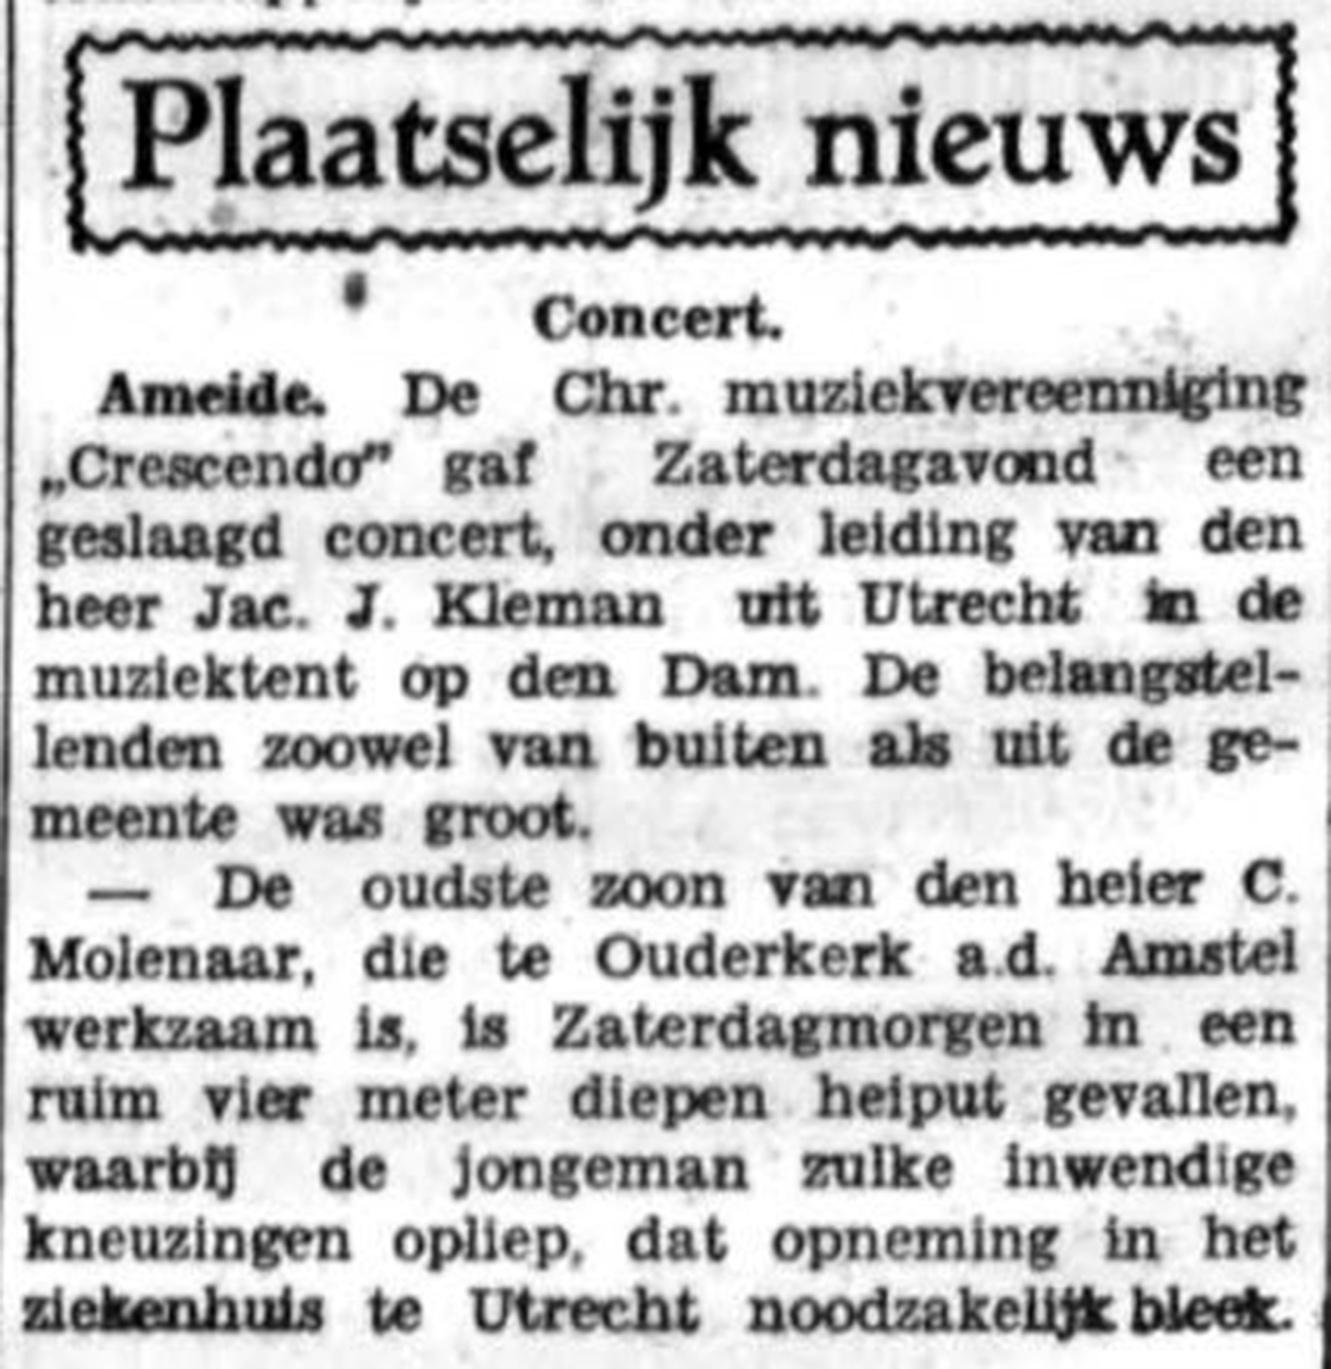 schoonhovensche-courant-07816-1937-05-31-artikel-01